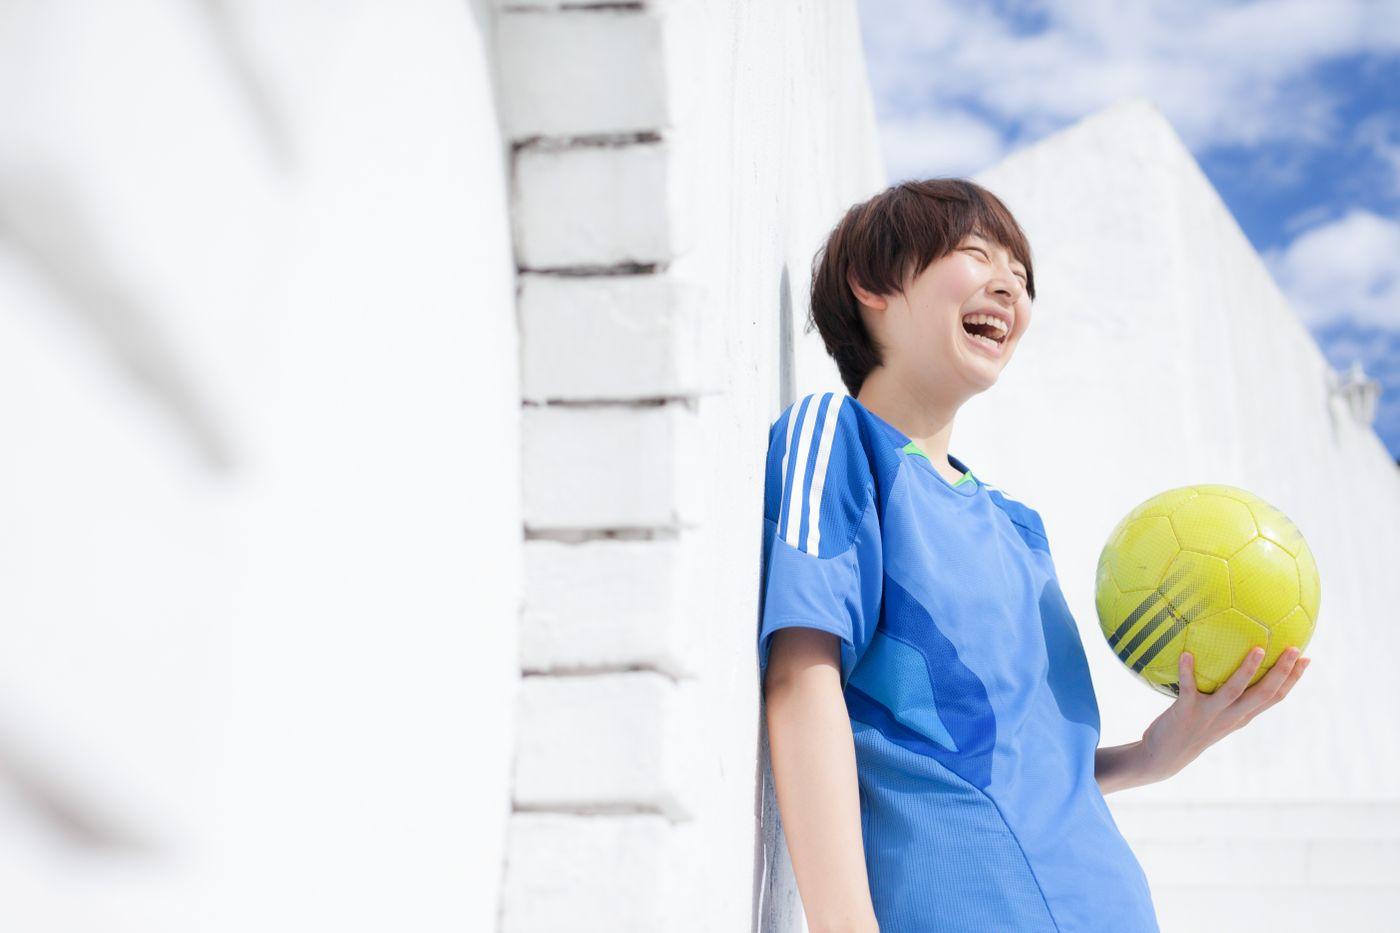 サッカー女子のオフショットの写真